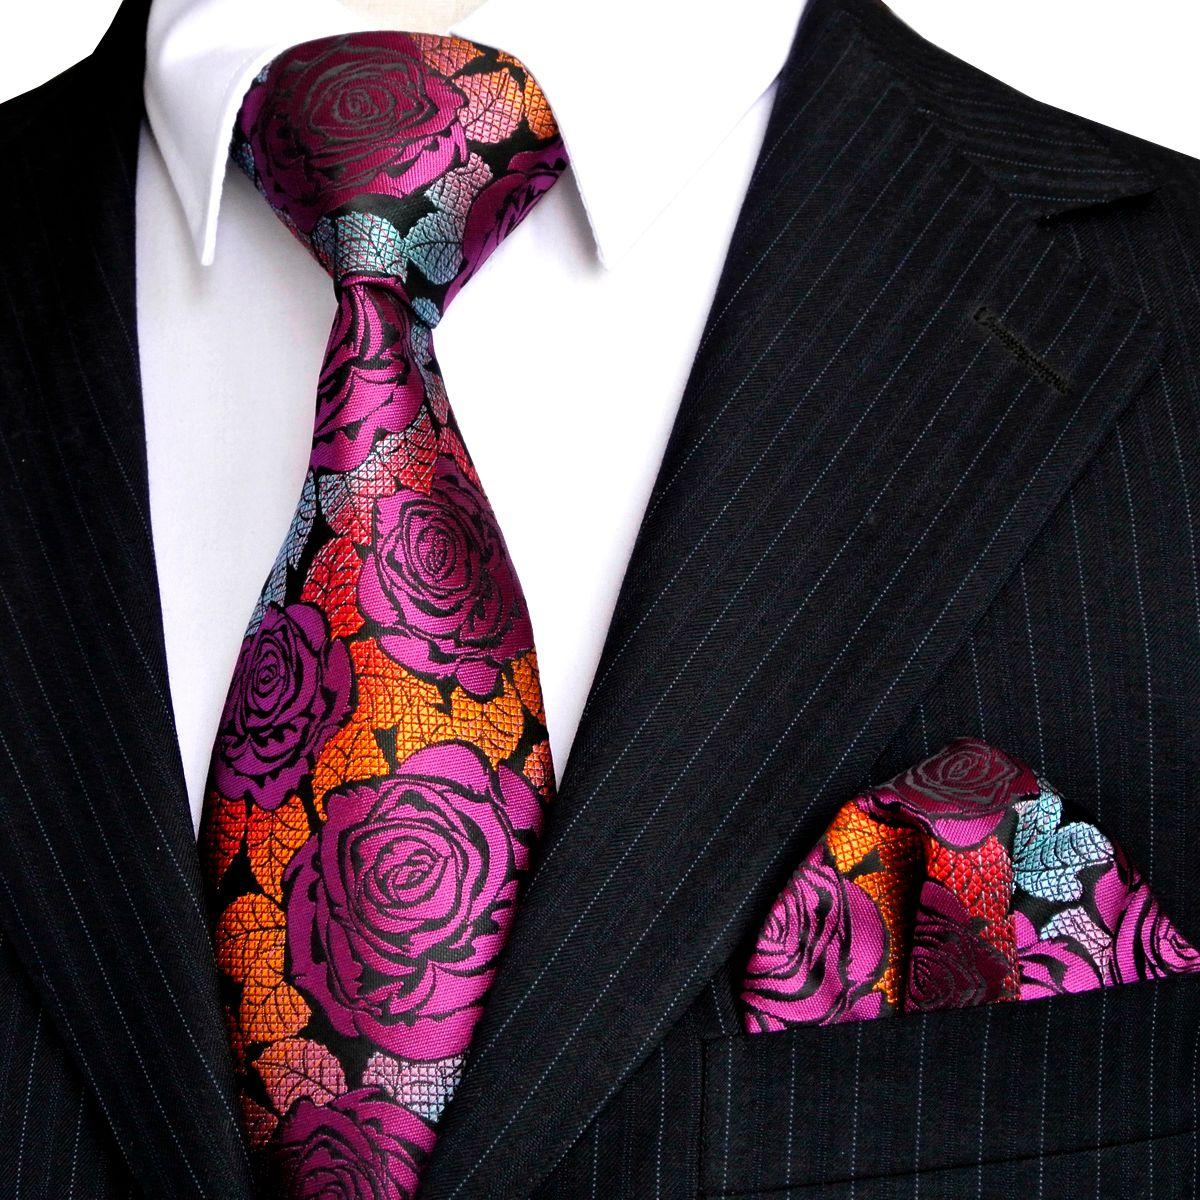 385d879c11b7d Compre Envío Gratis E12 Sistemas De Corbata De Los Hombres Rosa Multicolor  Fucsia Rojo Amarillo Azul Floral Corbatas Bolsillo Cuadrado 100% Seda Nueva  Venta ...